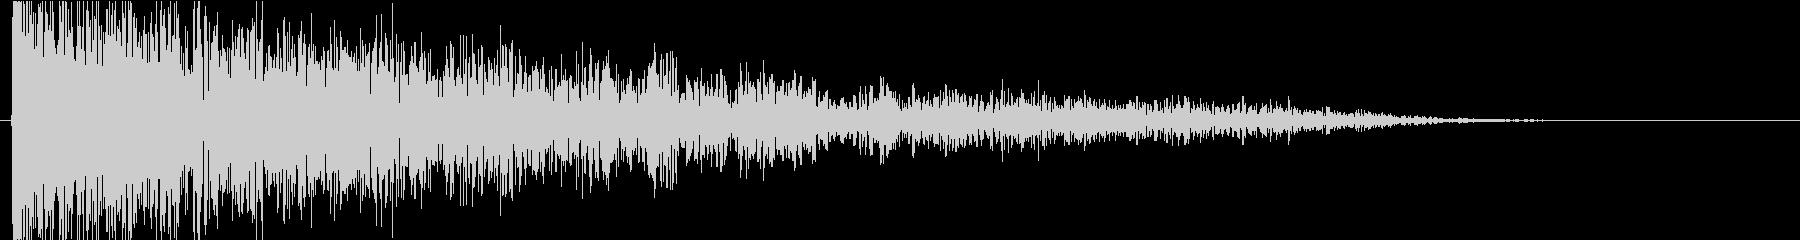 ドーン(巨大な衝撃音B)の未再生の波形